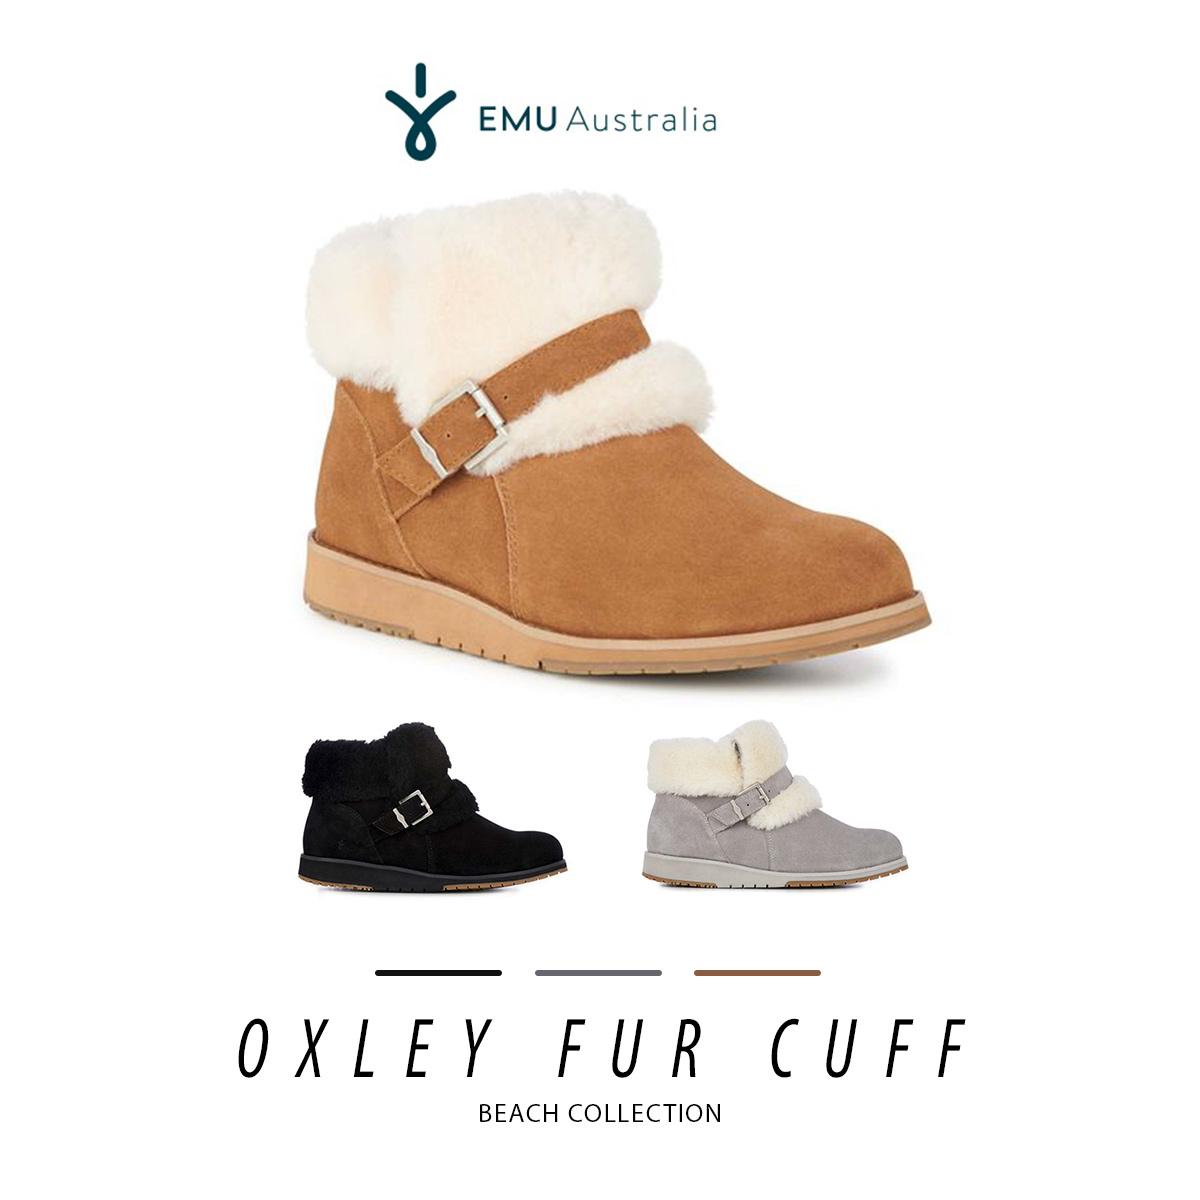 ムートン ブーツ ファー エミュ エミュー EMU Oxley Fur Cuff W11698 オックスレーファーカフ レディース メンズ 2018 秋冬 送料無料